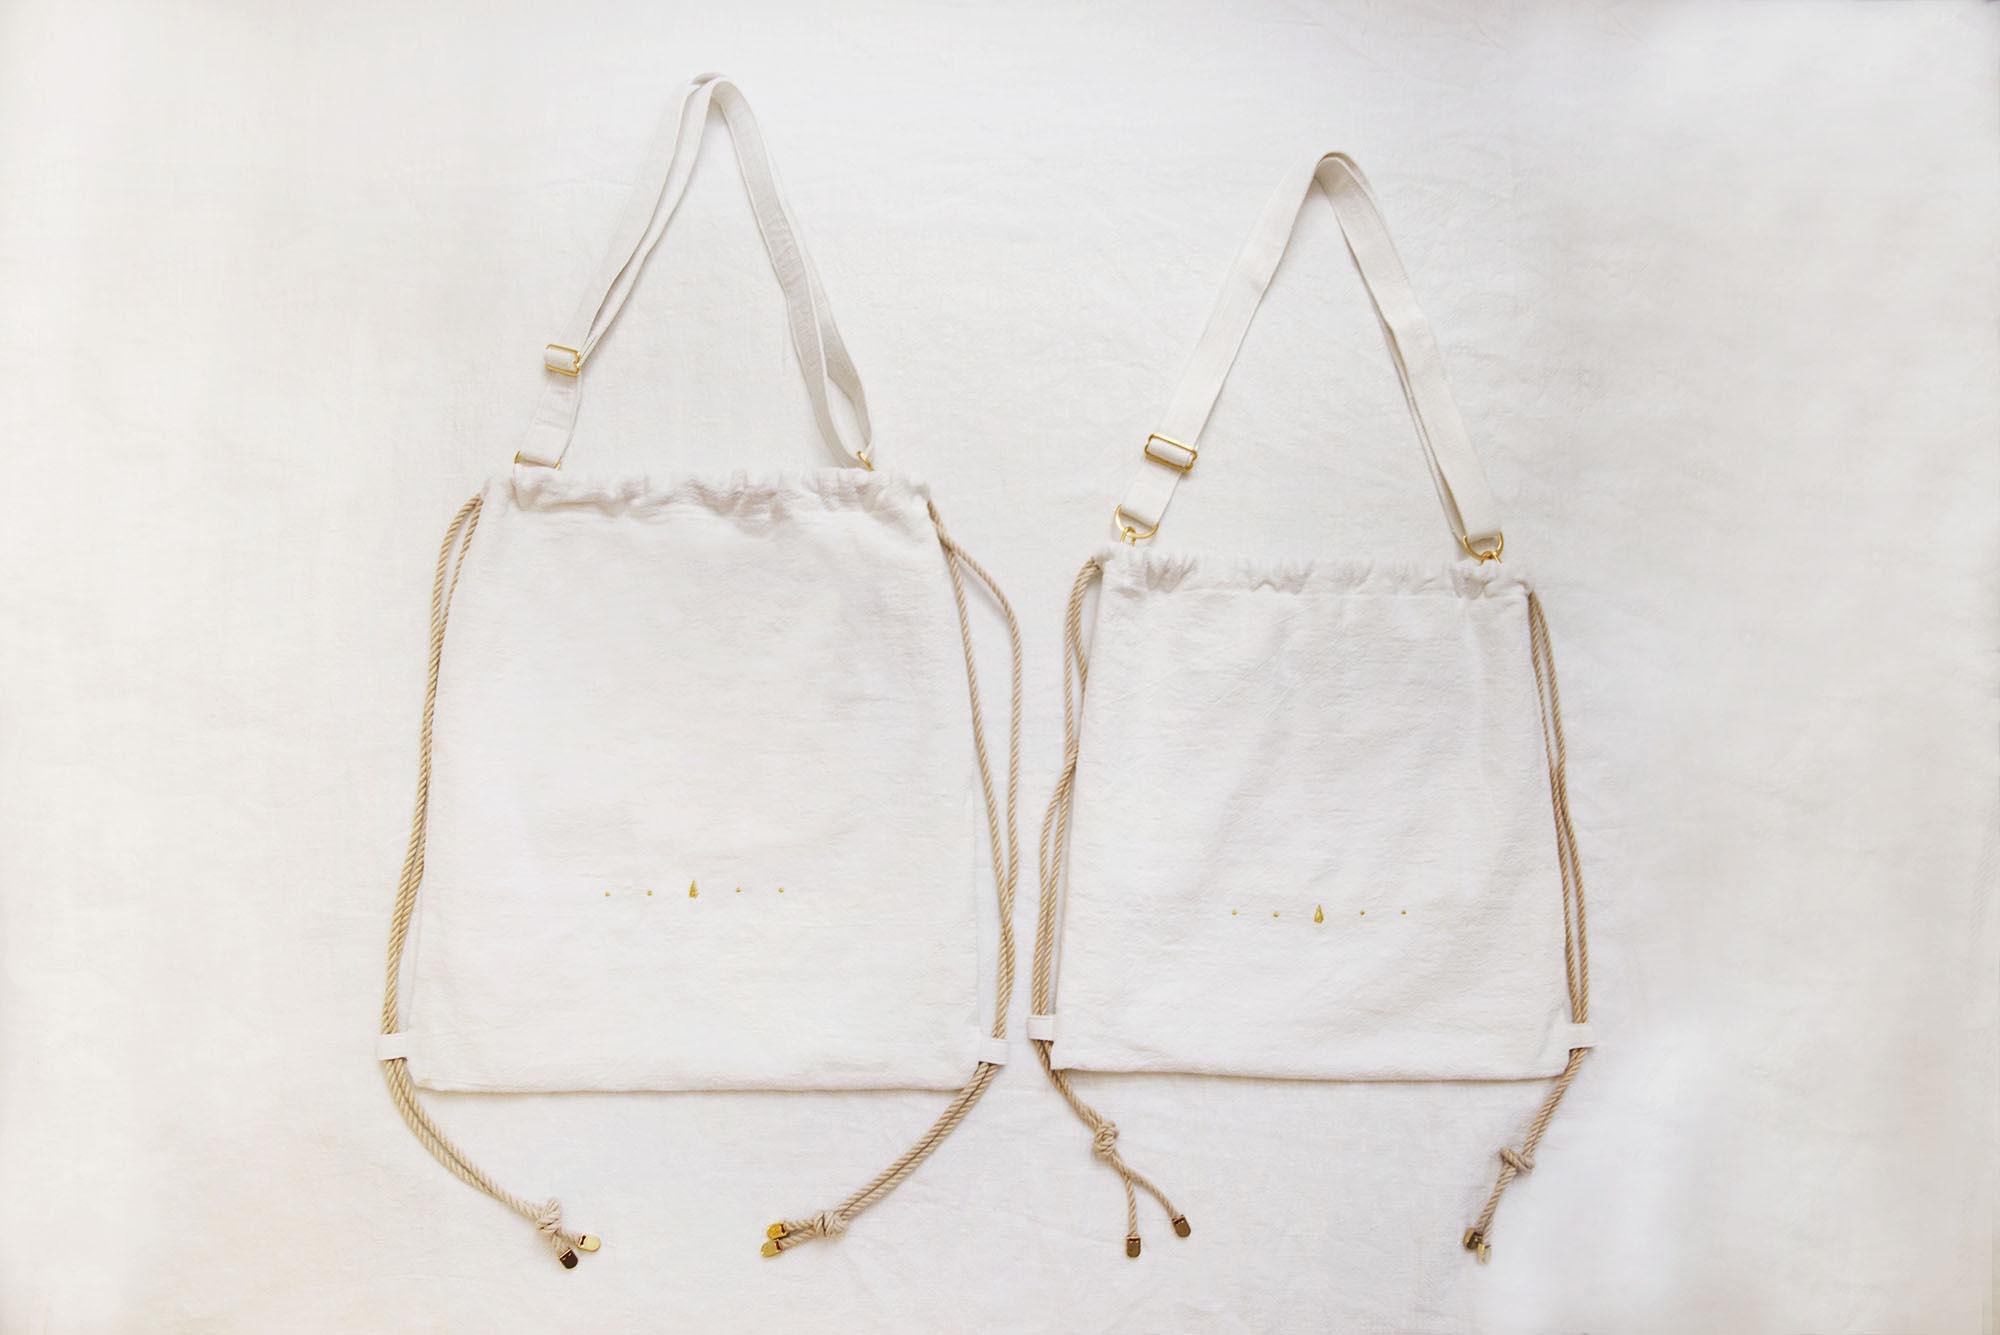 島中坊研:優質全麻布 - 金車花 兩用索繩袋